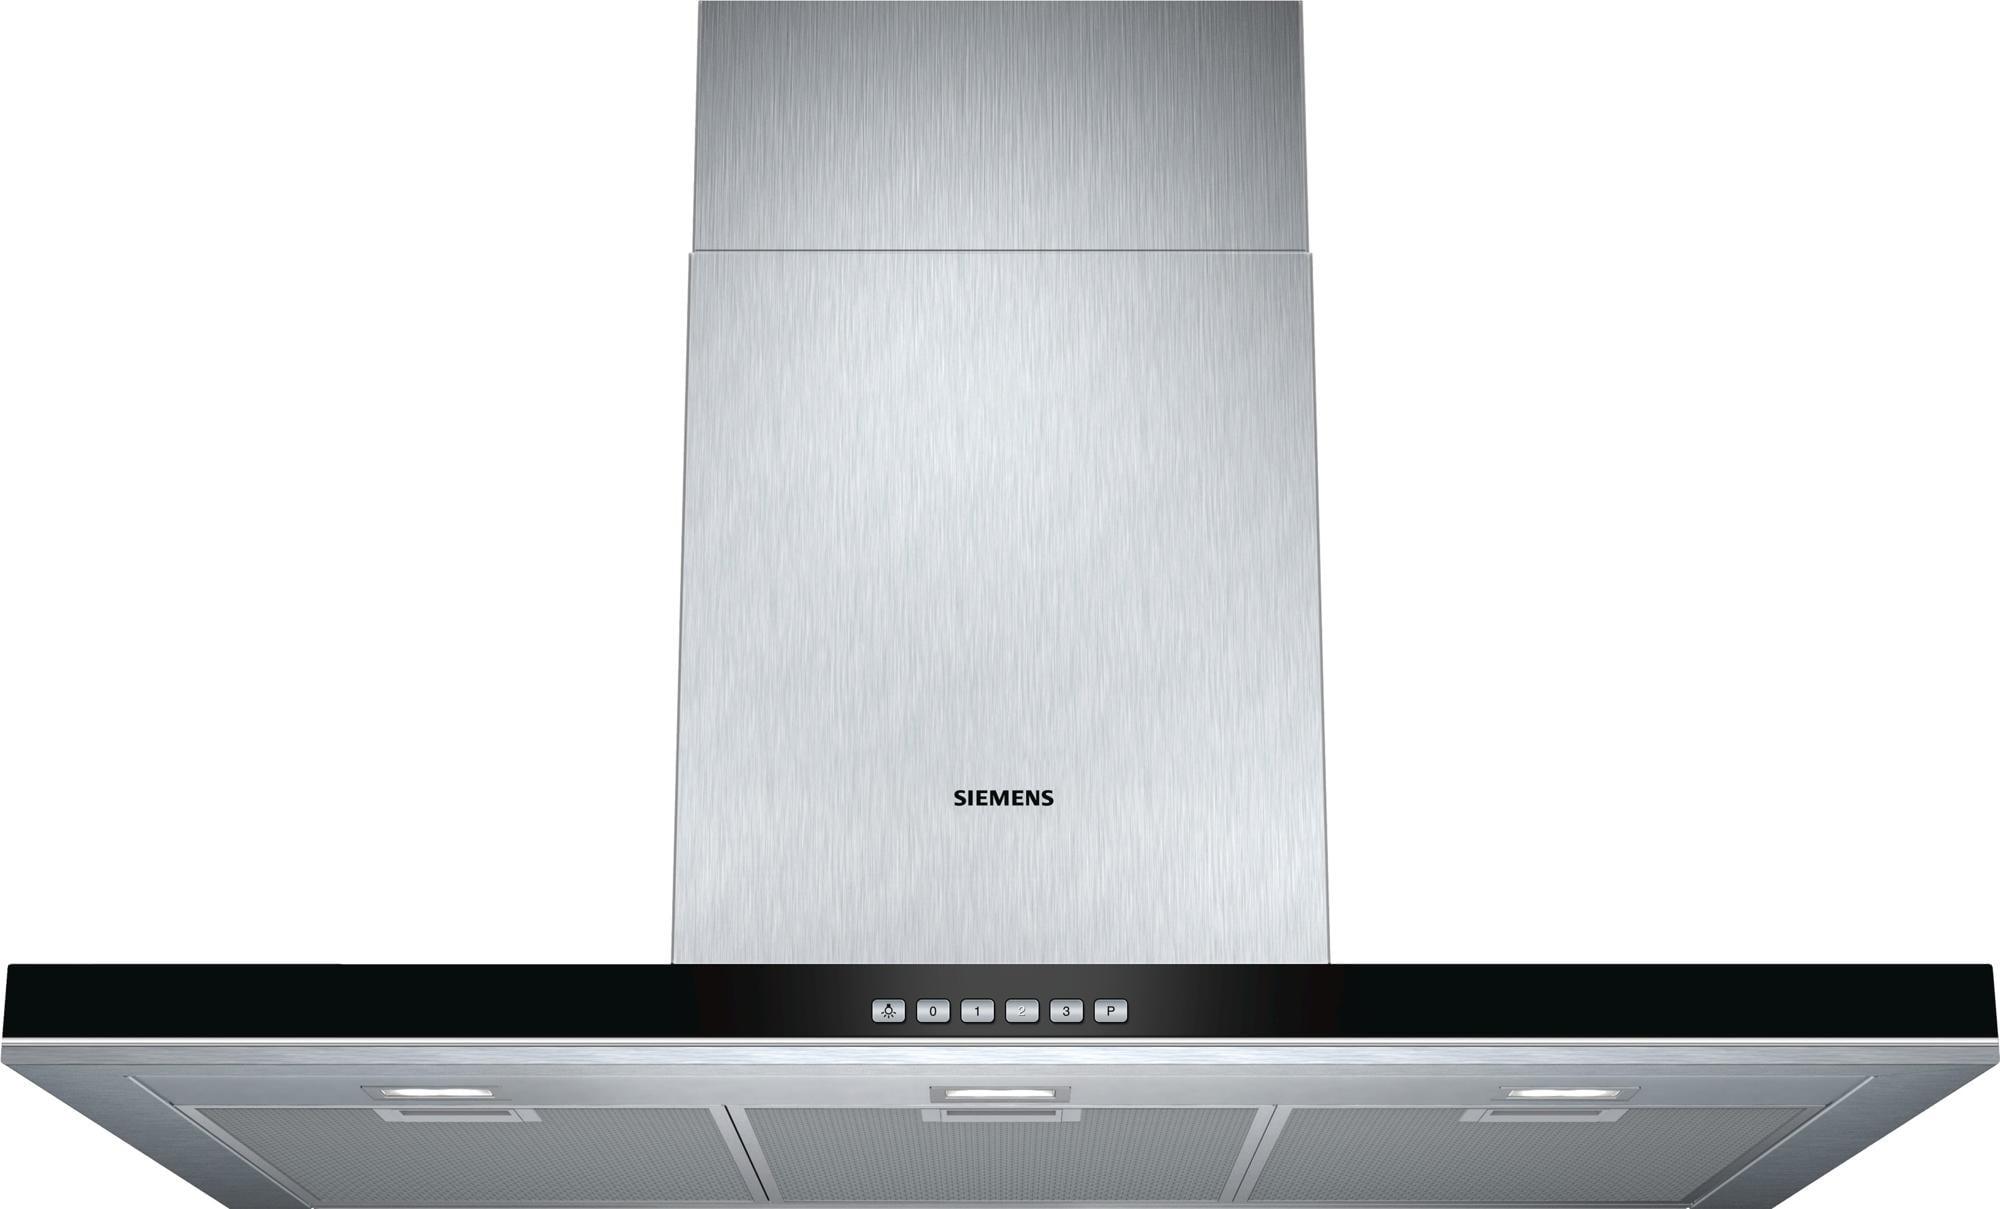 Siemens lc97bf532 iq700 wandhaube 90 cm breit ab & umluft